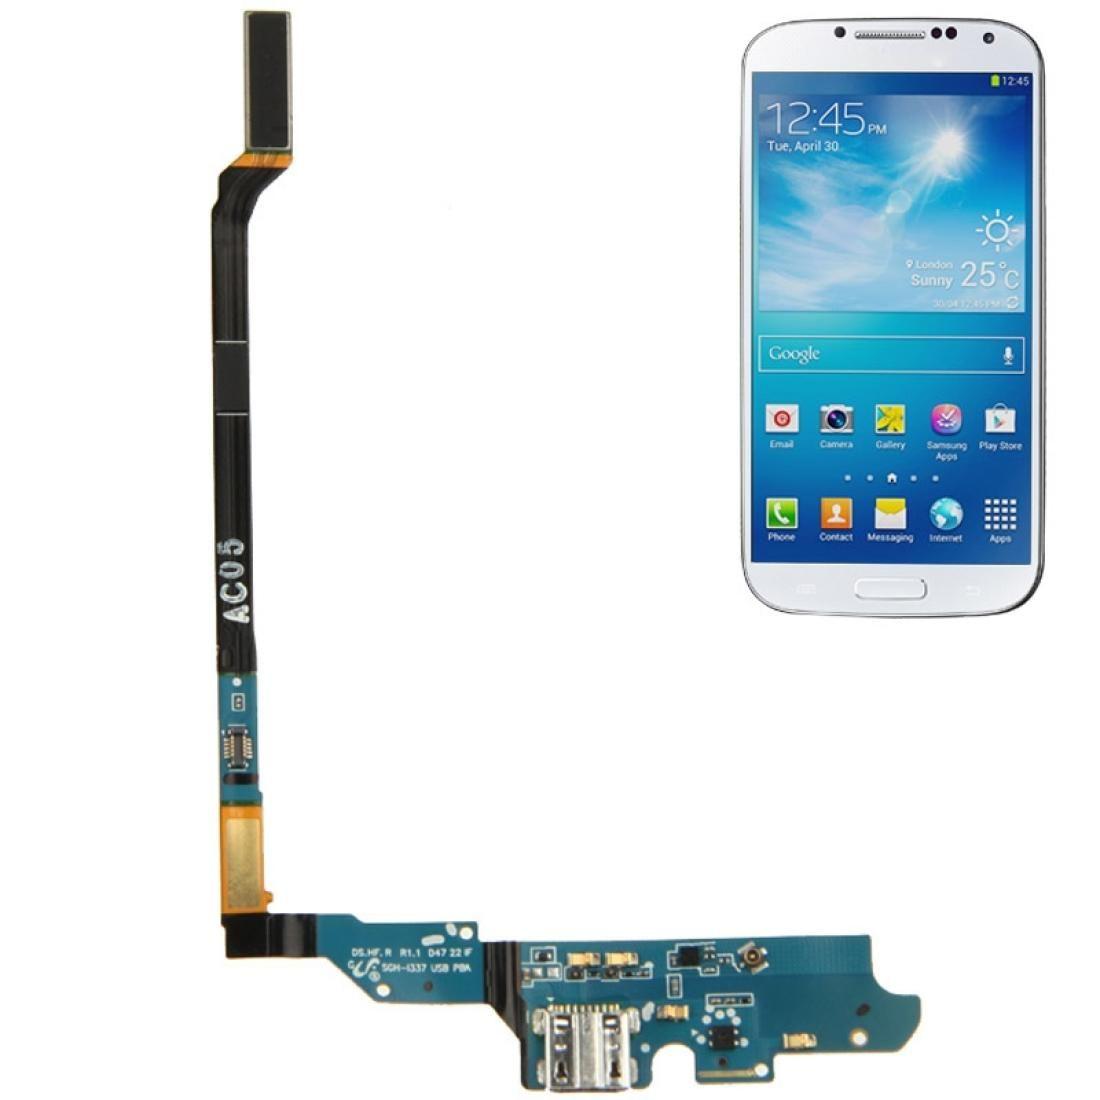 Хвостовой вилки Flex Cable для Galaxy S IV I9500